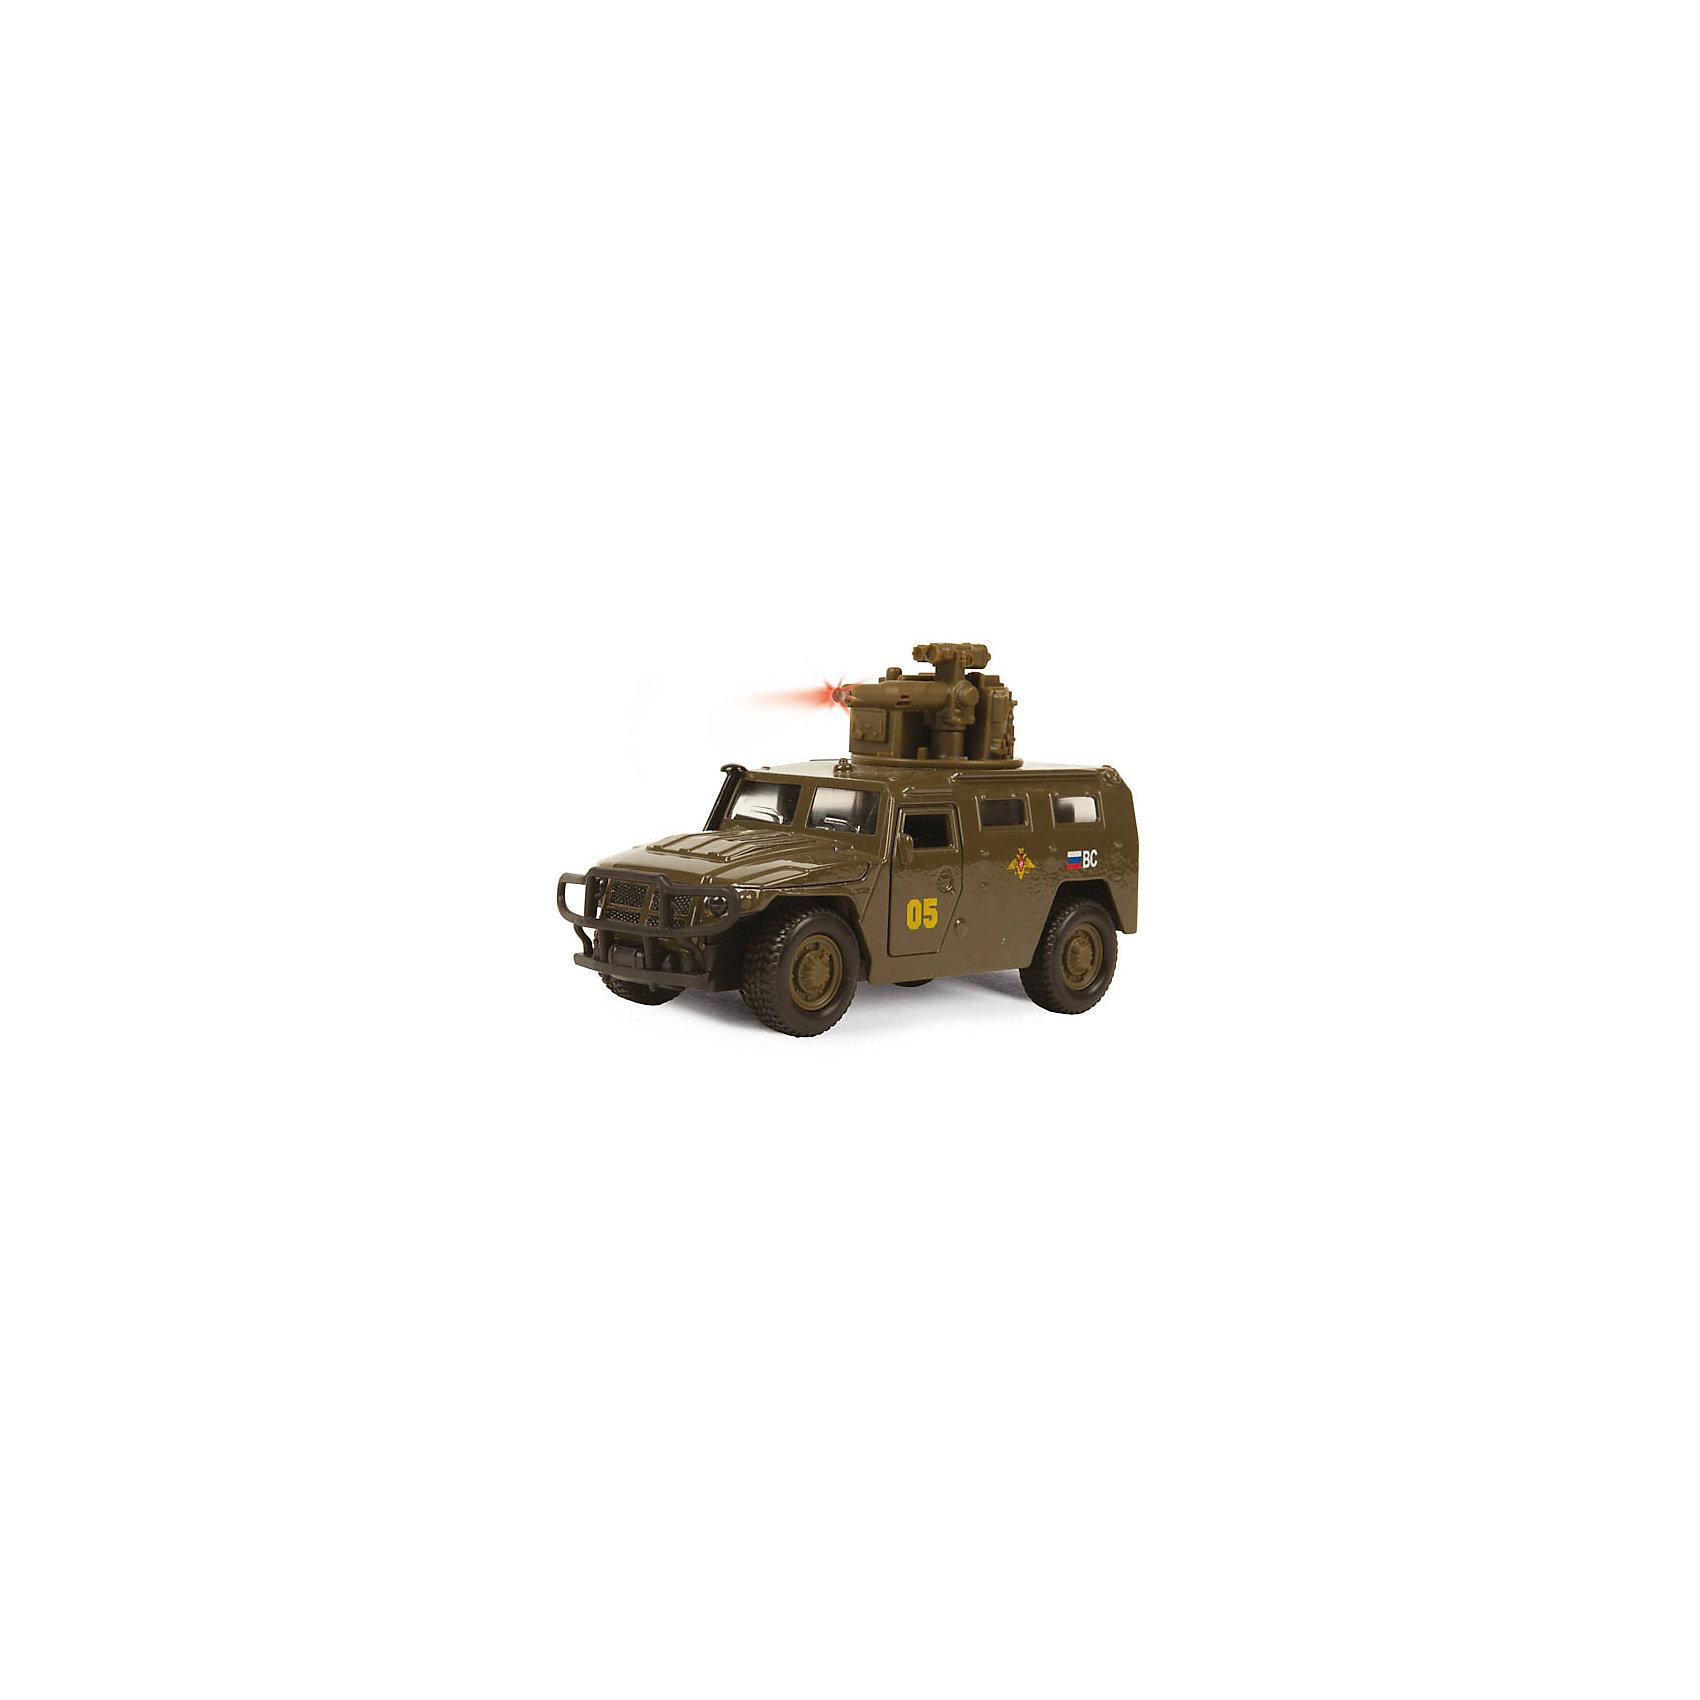 Машина ГАЗ ТИГР, 1:43, со светом и звуком, ТЕХНОПАРК